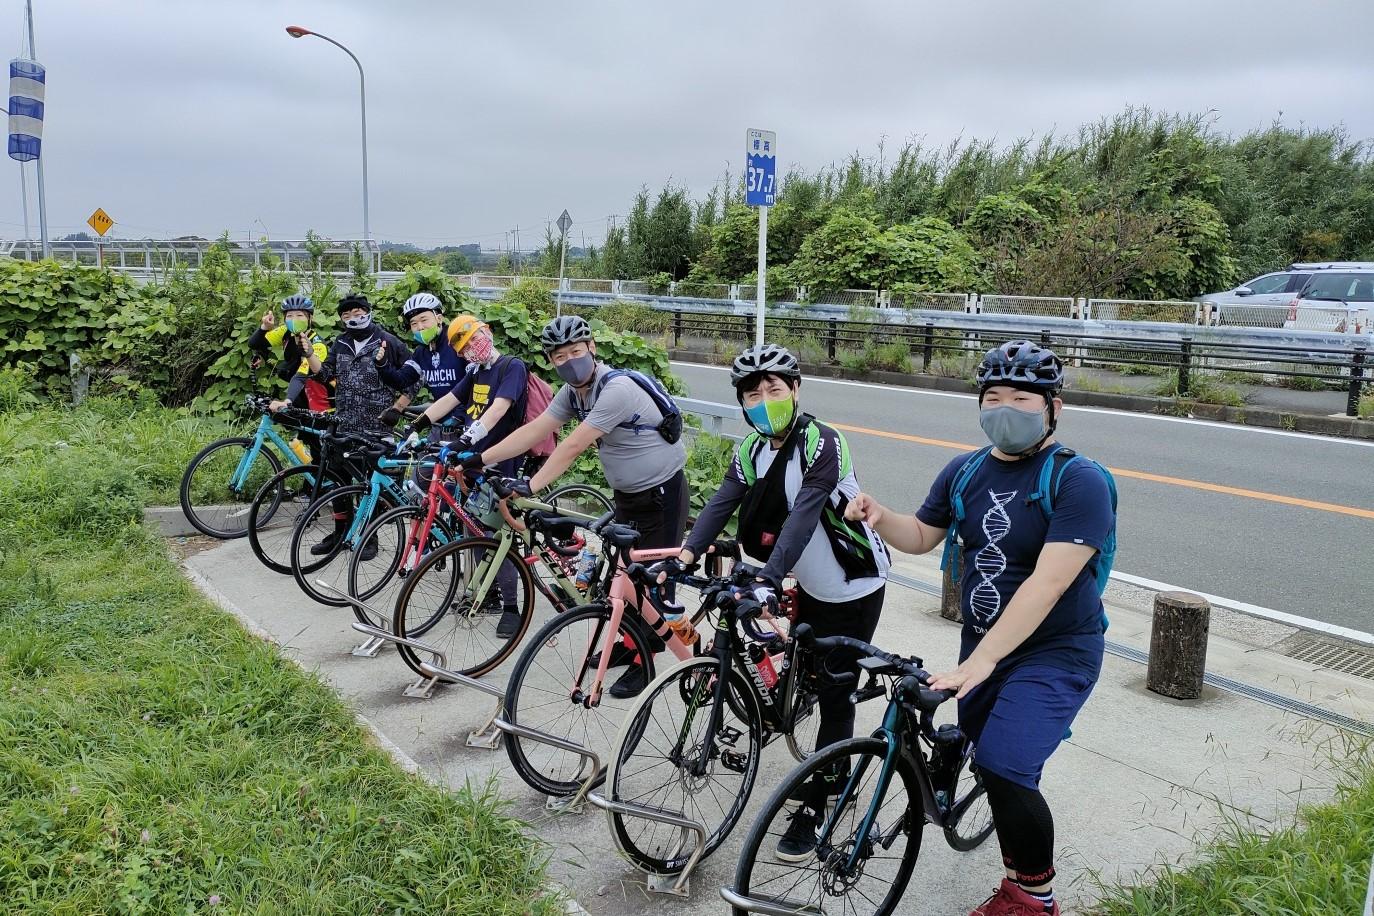 [サイクリング・千葉]ステレオタイフーンと行く 印旛沼サイクリングロード  2021年10月10日(日)